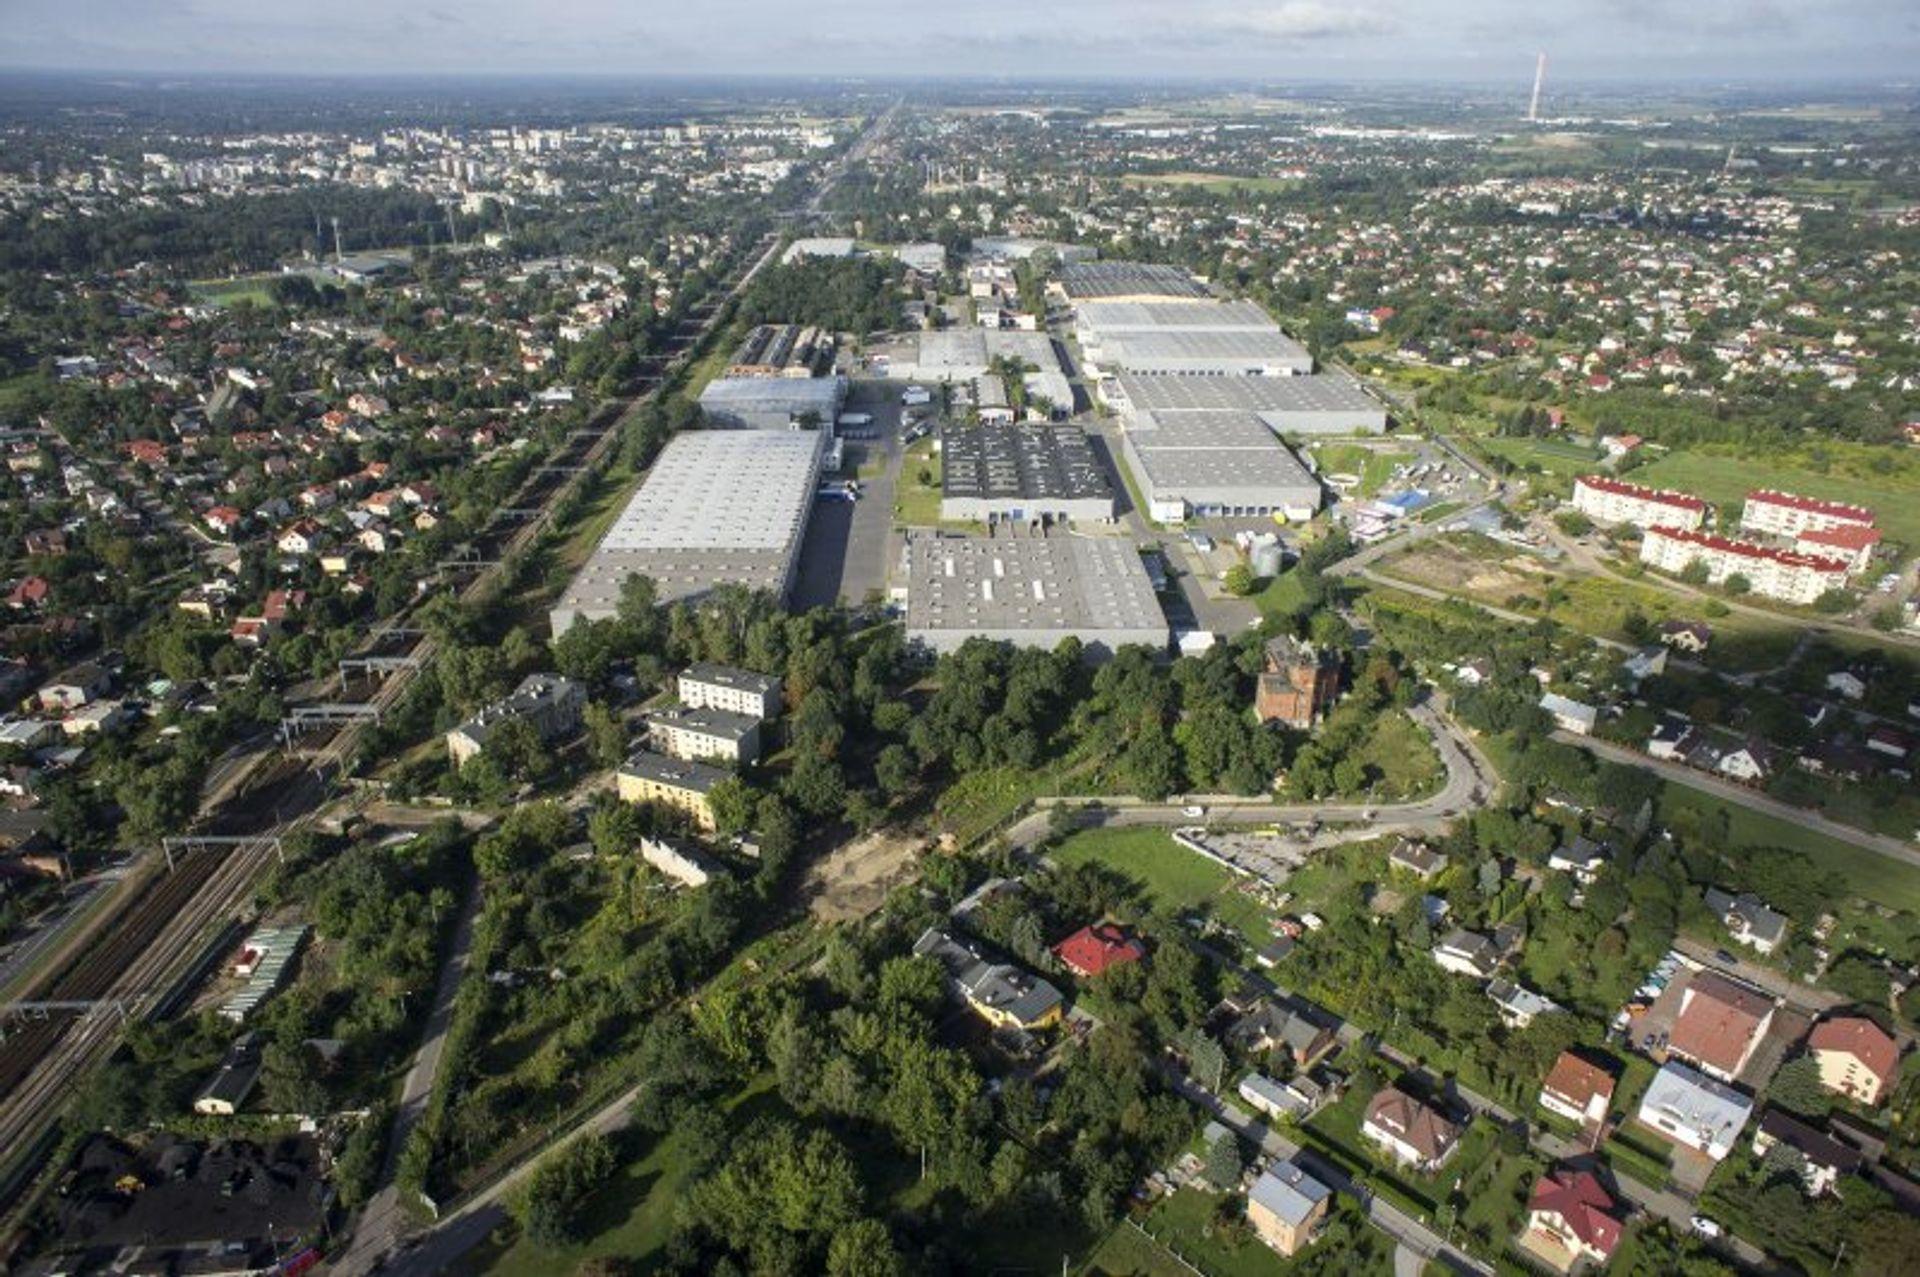 [Polska] Wysoka aktywność najemców i deweloperów na rynku powierzchni przemysłowych i logistycznych w Polsce